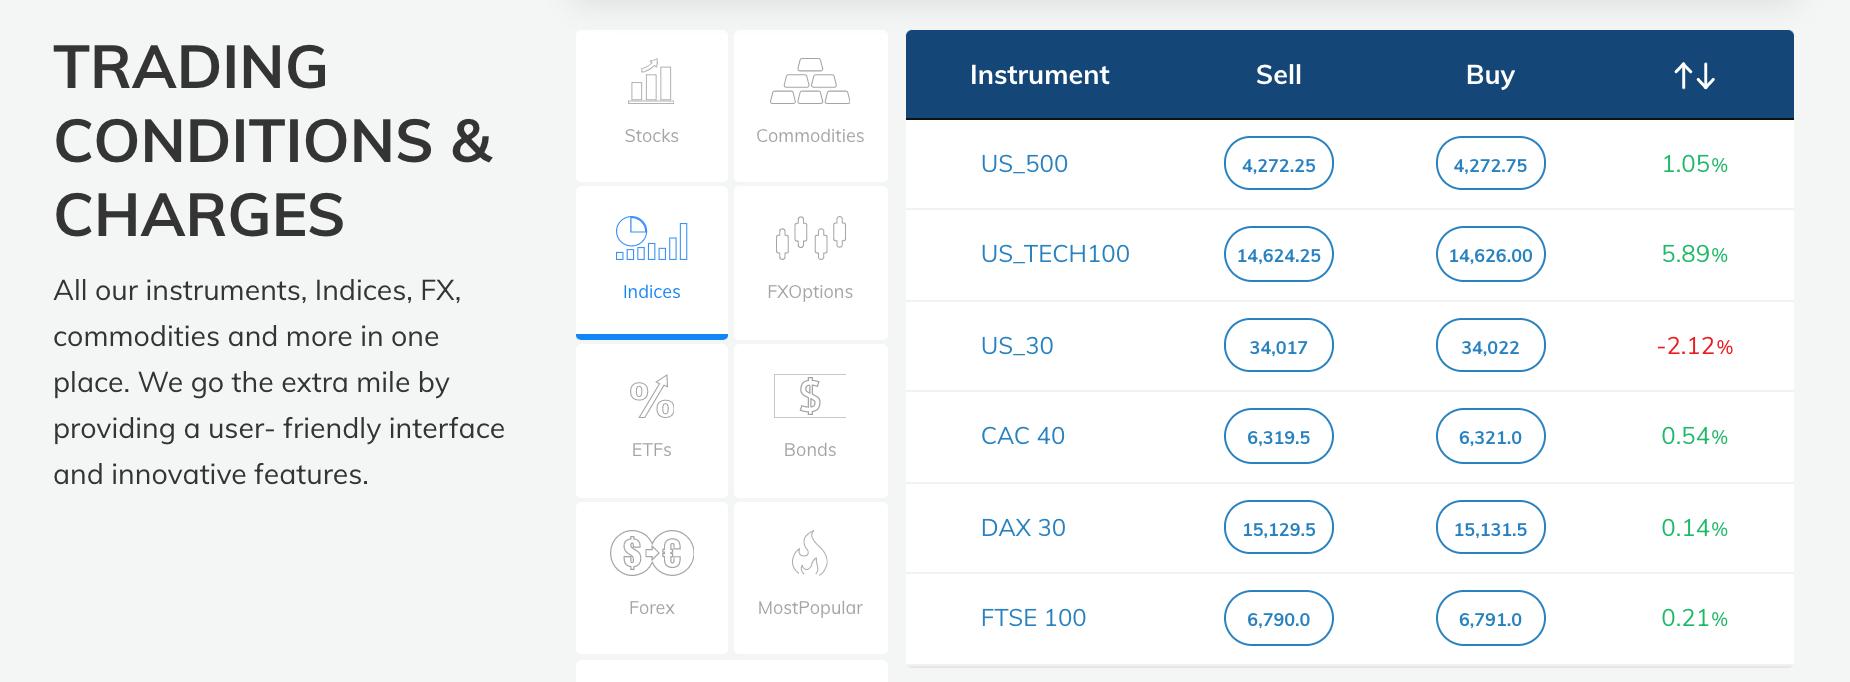 avatrade indices nasdaq trading platform